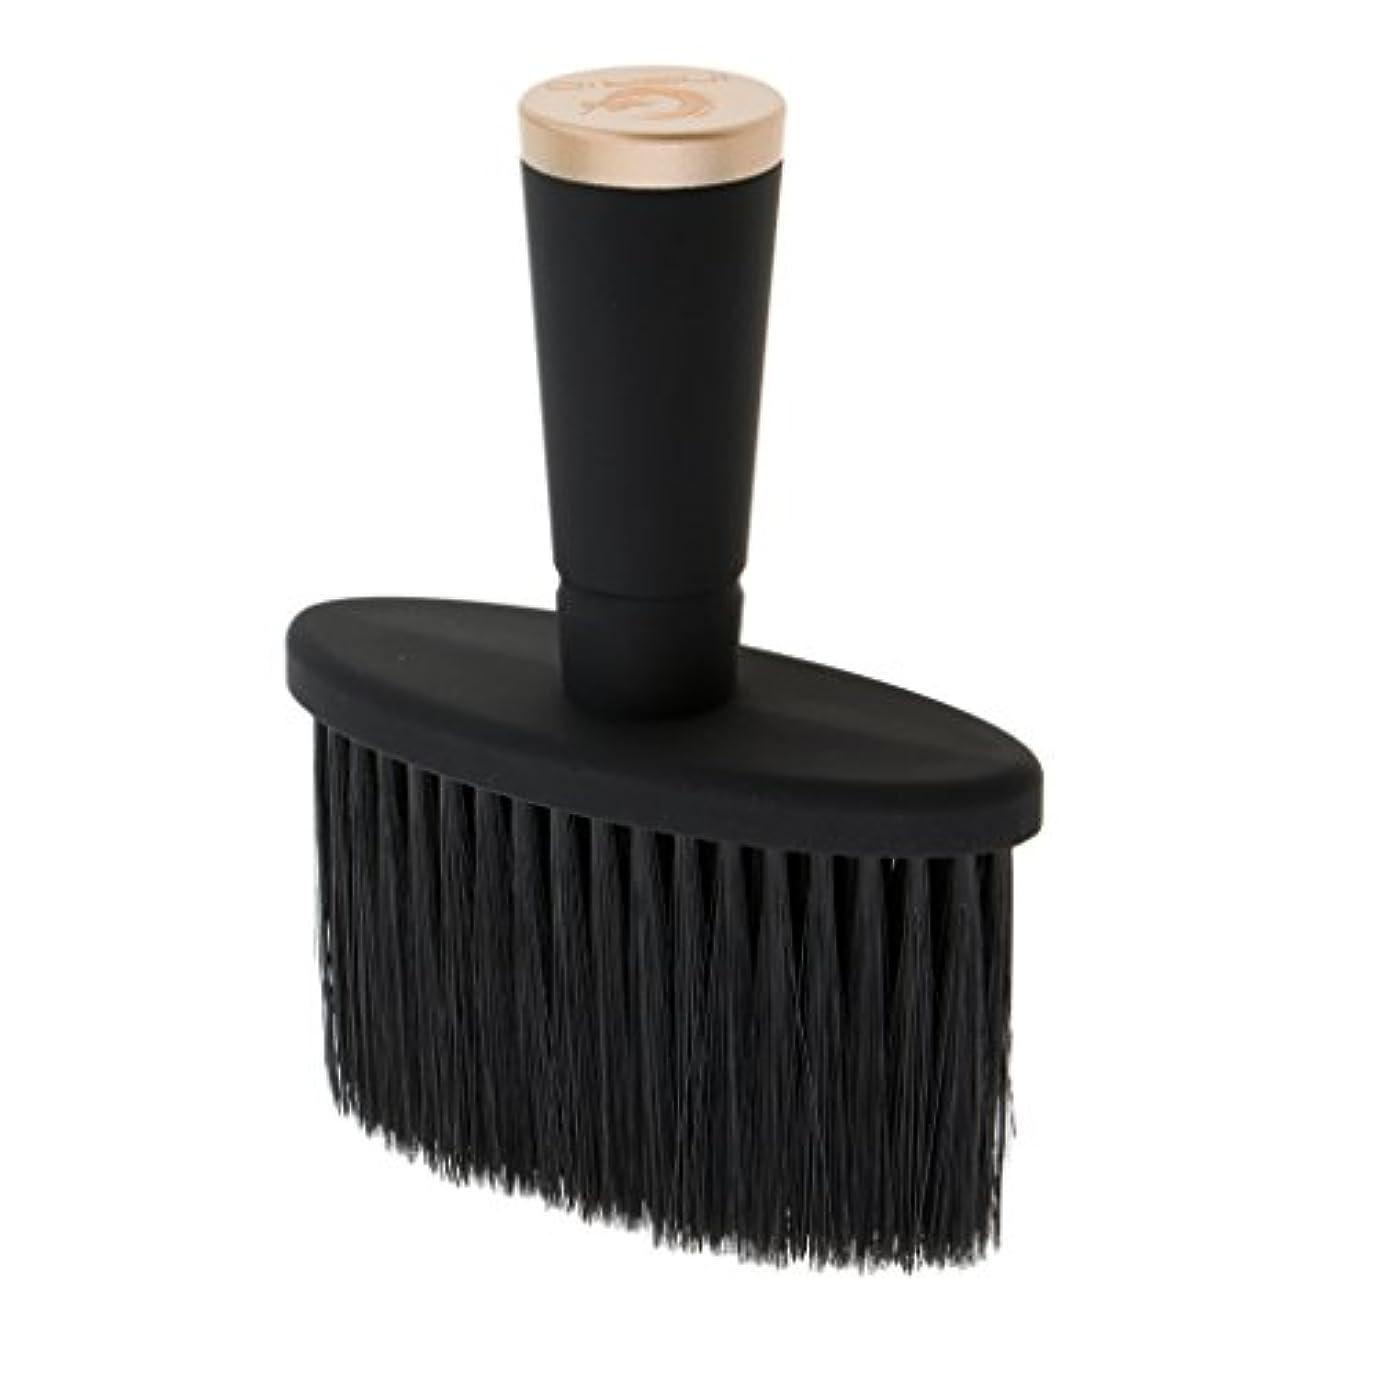 抜け目のない疎外重荷ネックダスターブラシ ソフト ネックダスターブラシ サロン スタイリスト 理髪 メイクツール 全2色 - ゴールド